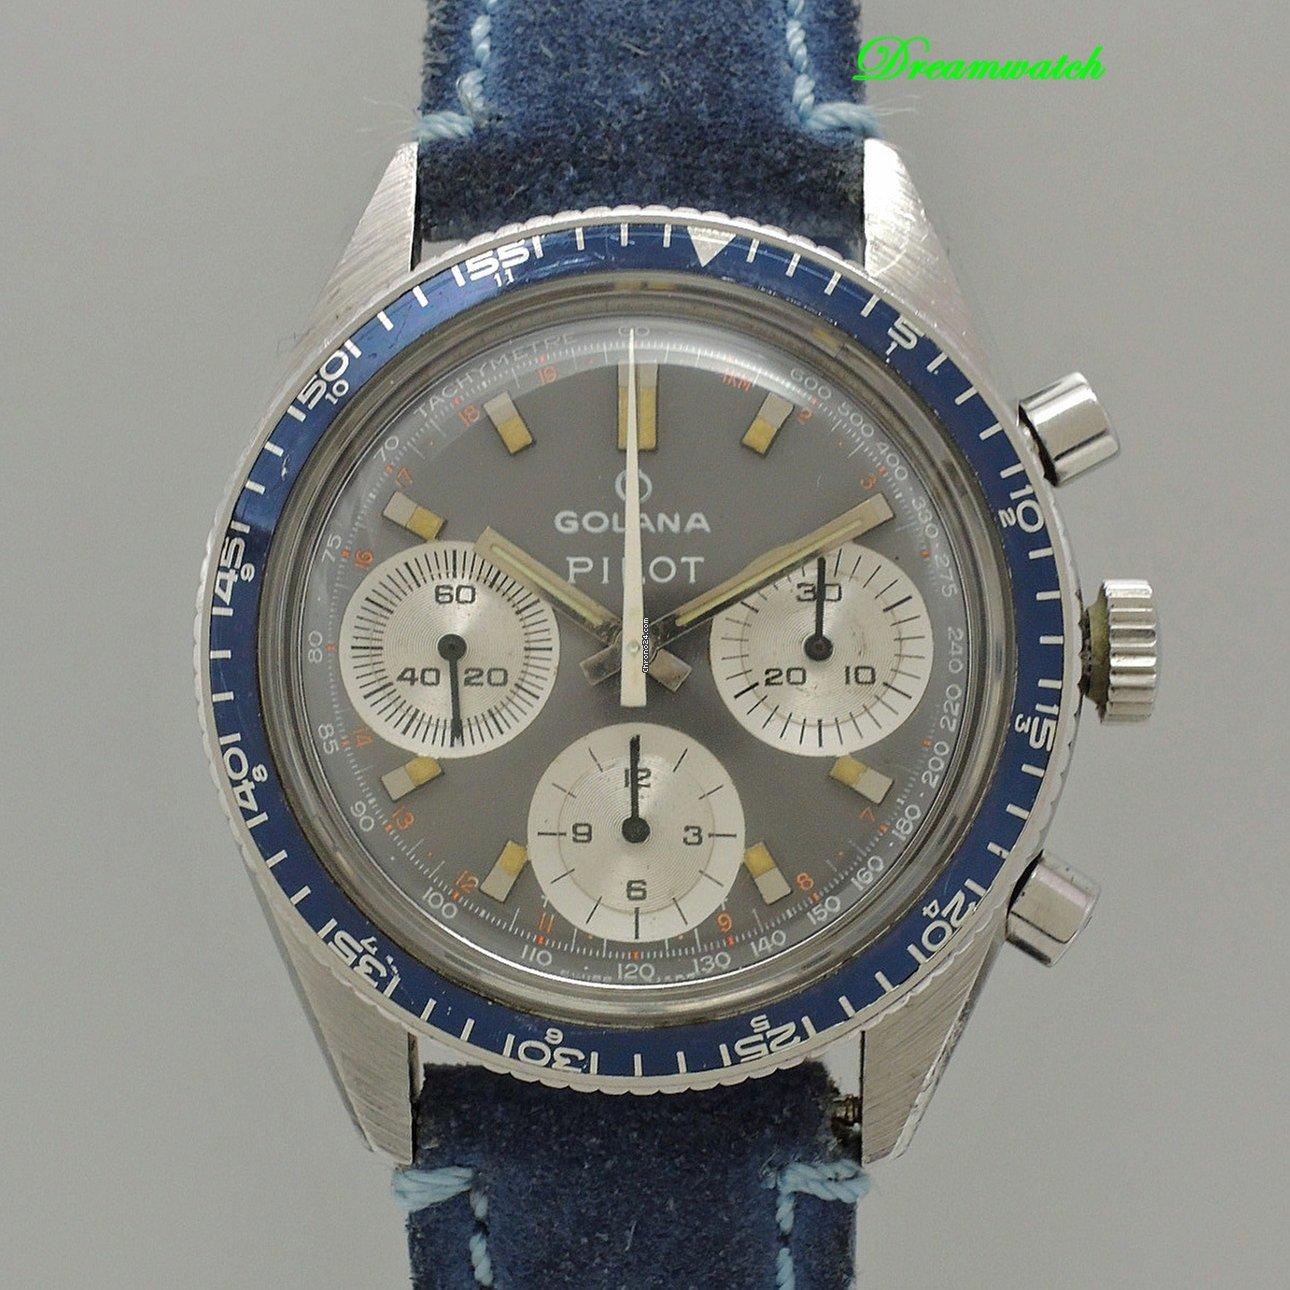 1c214270fabf Golana Pilot Chronograph for  3